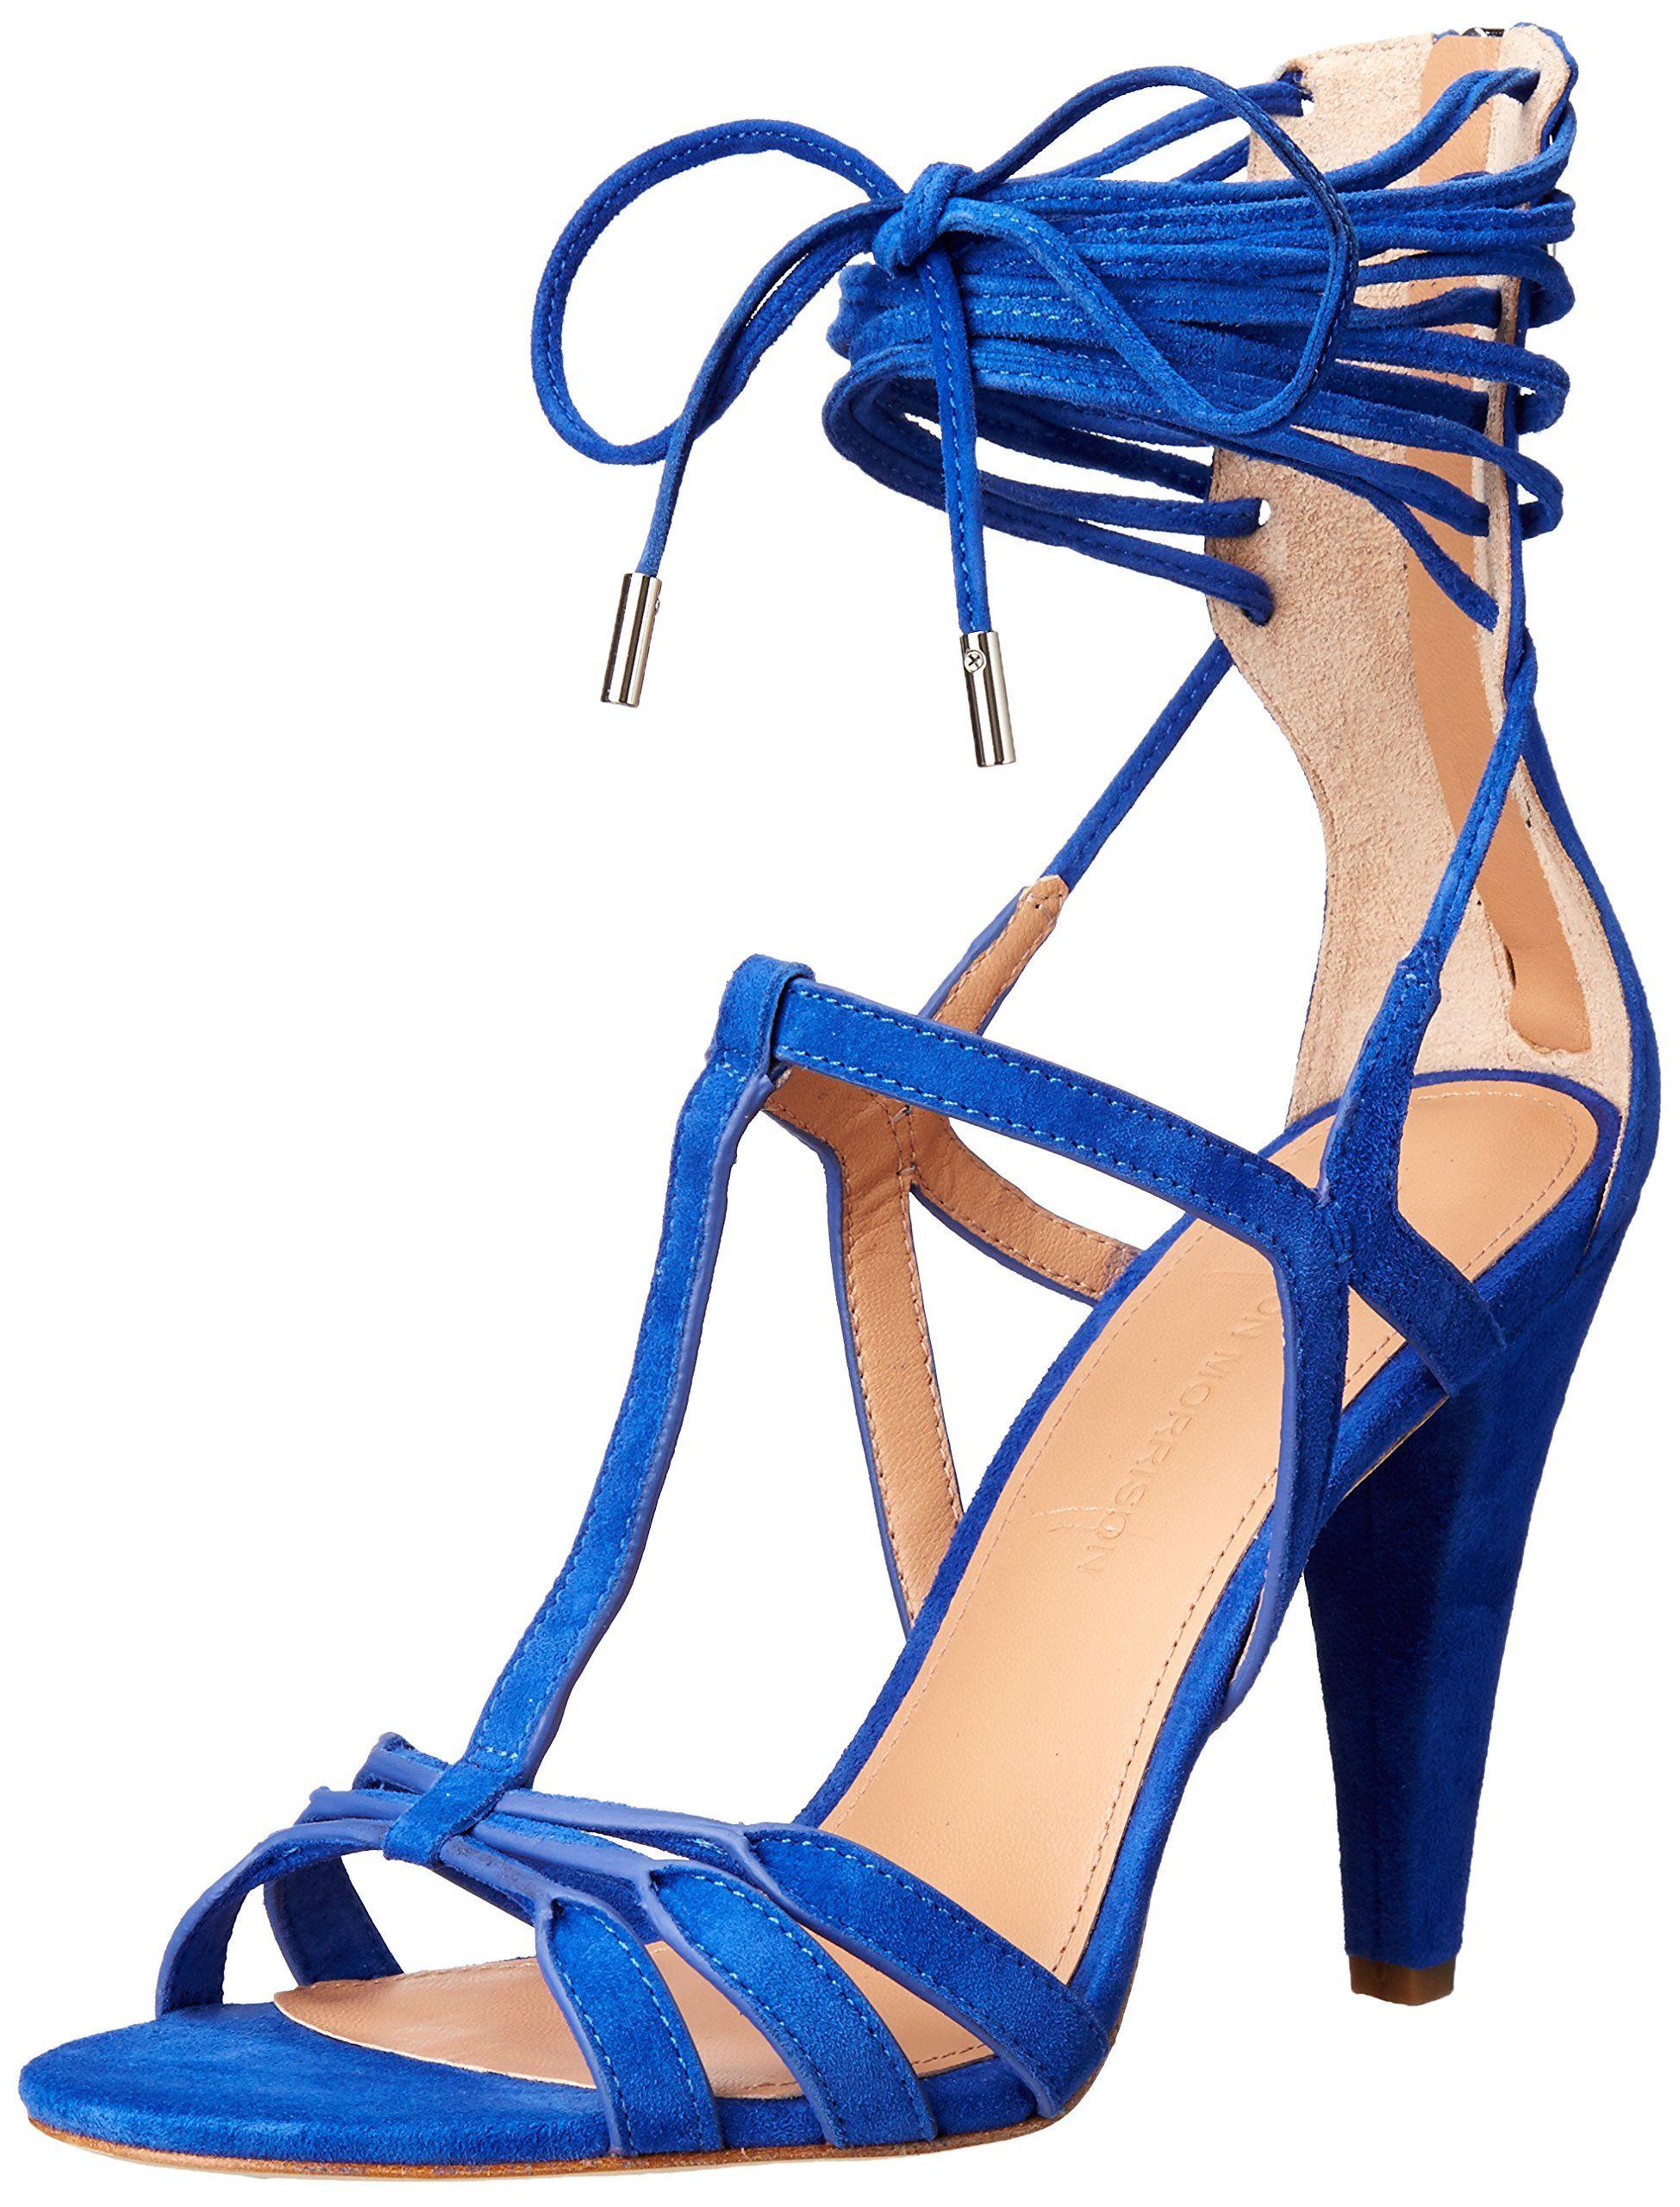 d54501c15d9 Sigerson Morrison Women's Melody Dress Sandal, New Blue, 8.5 M US. T ...